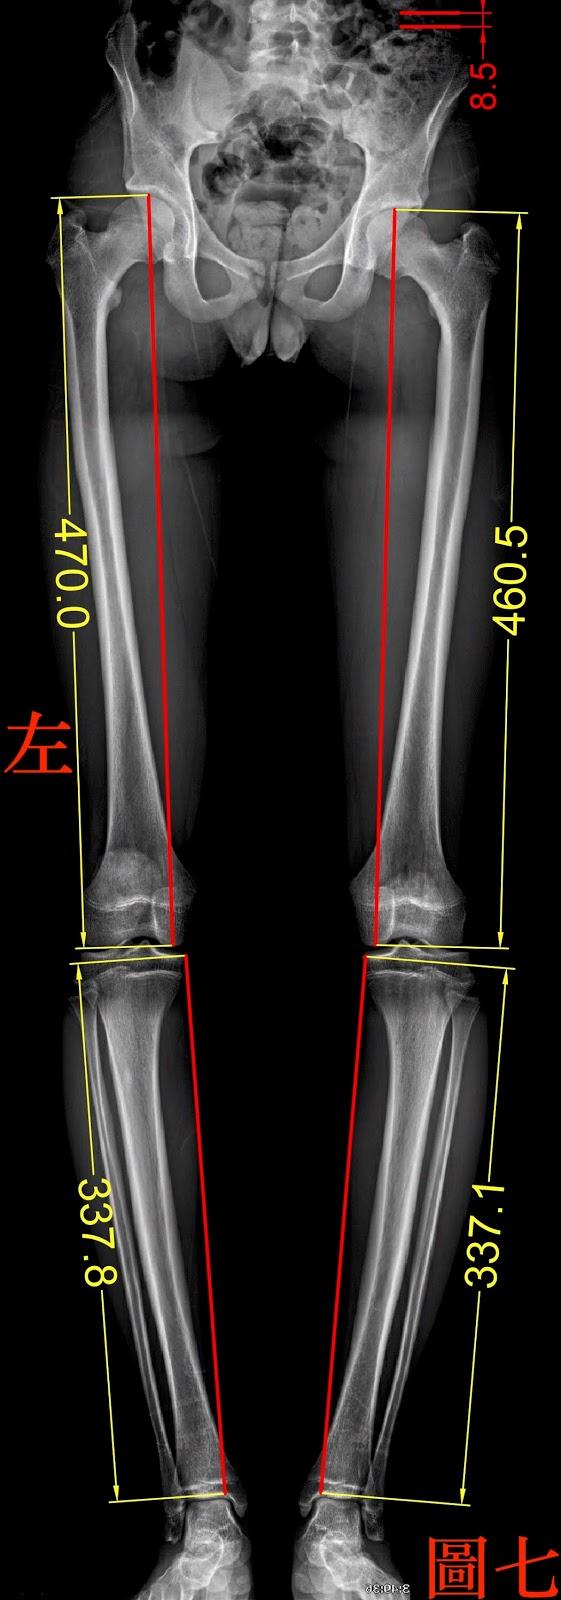 脊椎側彎檢查, 脊椎側彎度數, 脊椎側彎矯正, 脊椎側彎治療, 脊椎側彎矯正運動